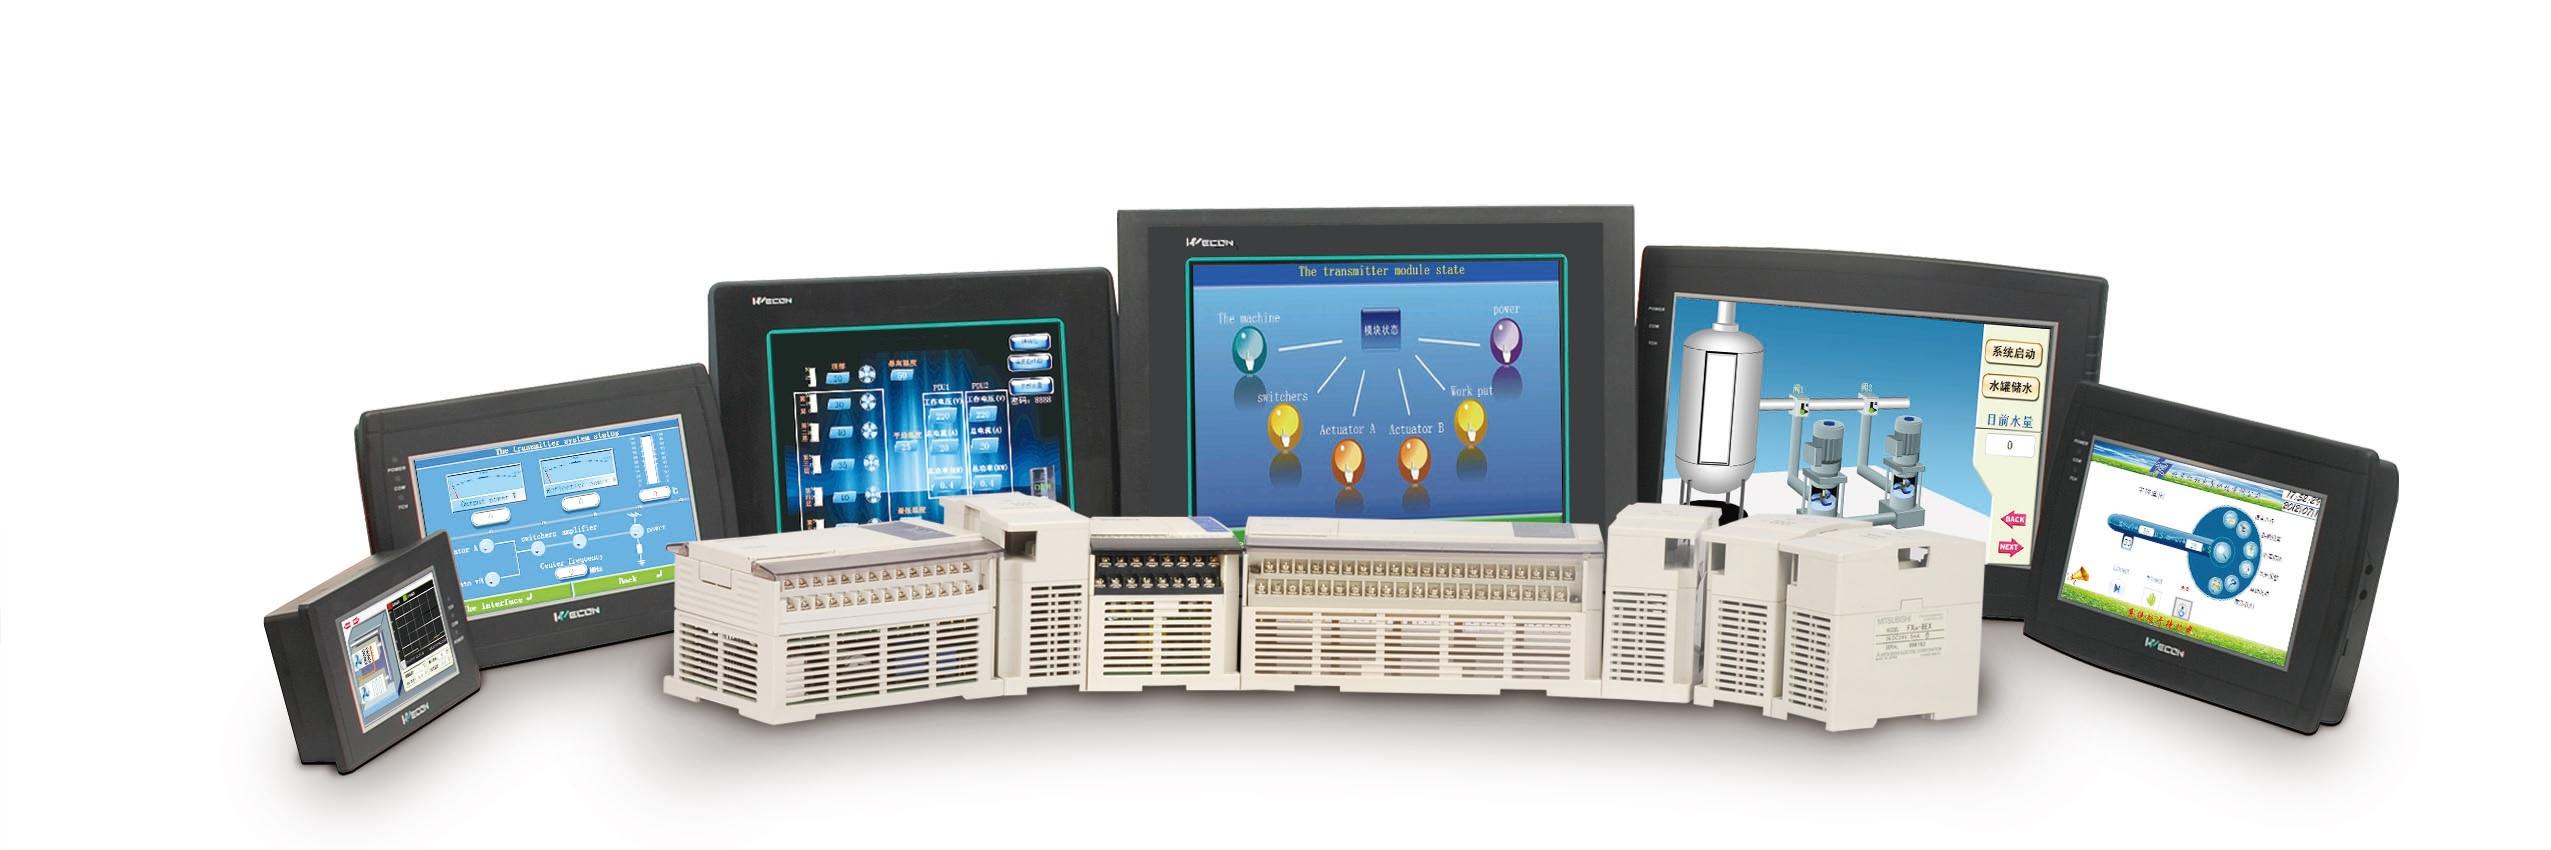 WECON تجهیزات کنترلی شرکت